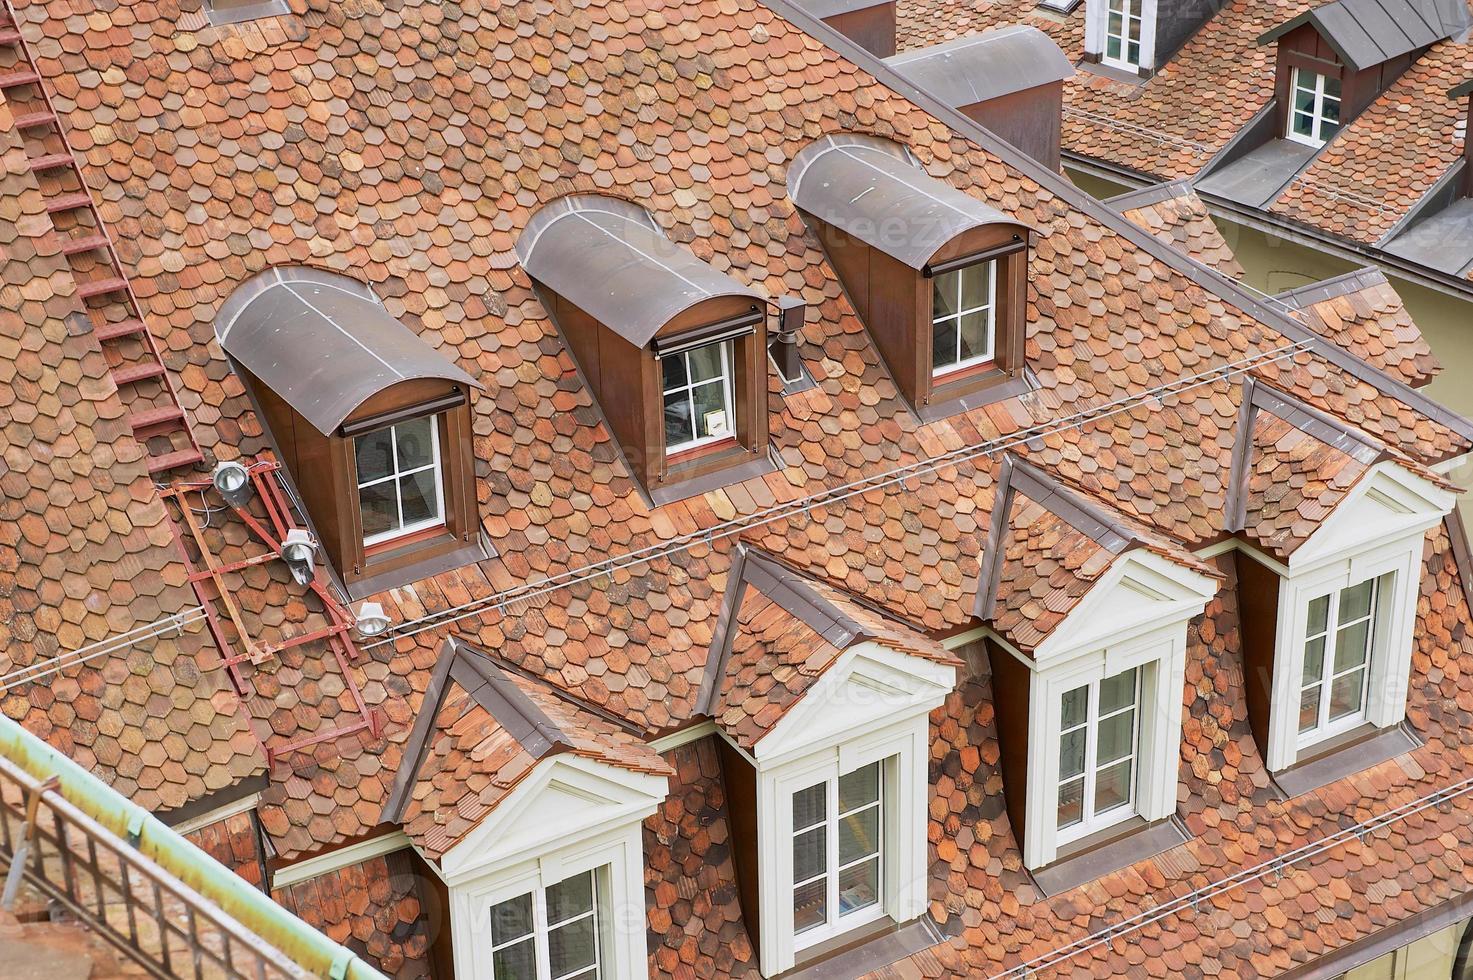 traditionelles Ziegeldach mit Fenstern in Bern, Schweiz. foto